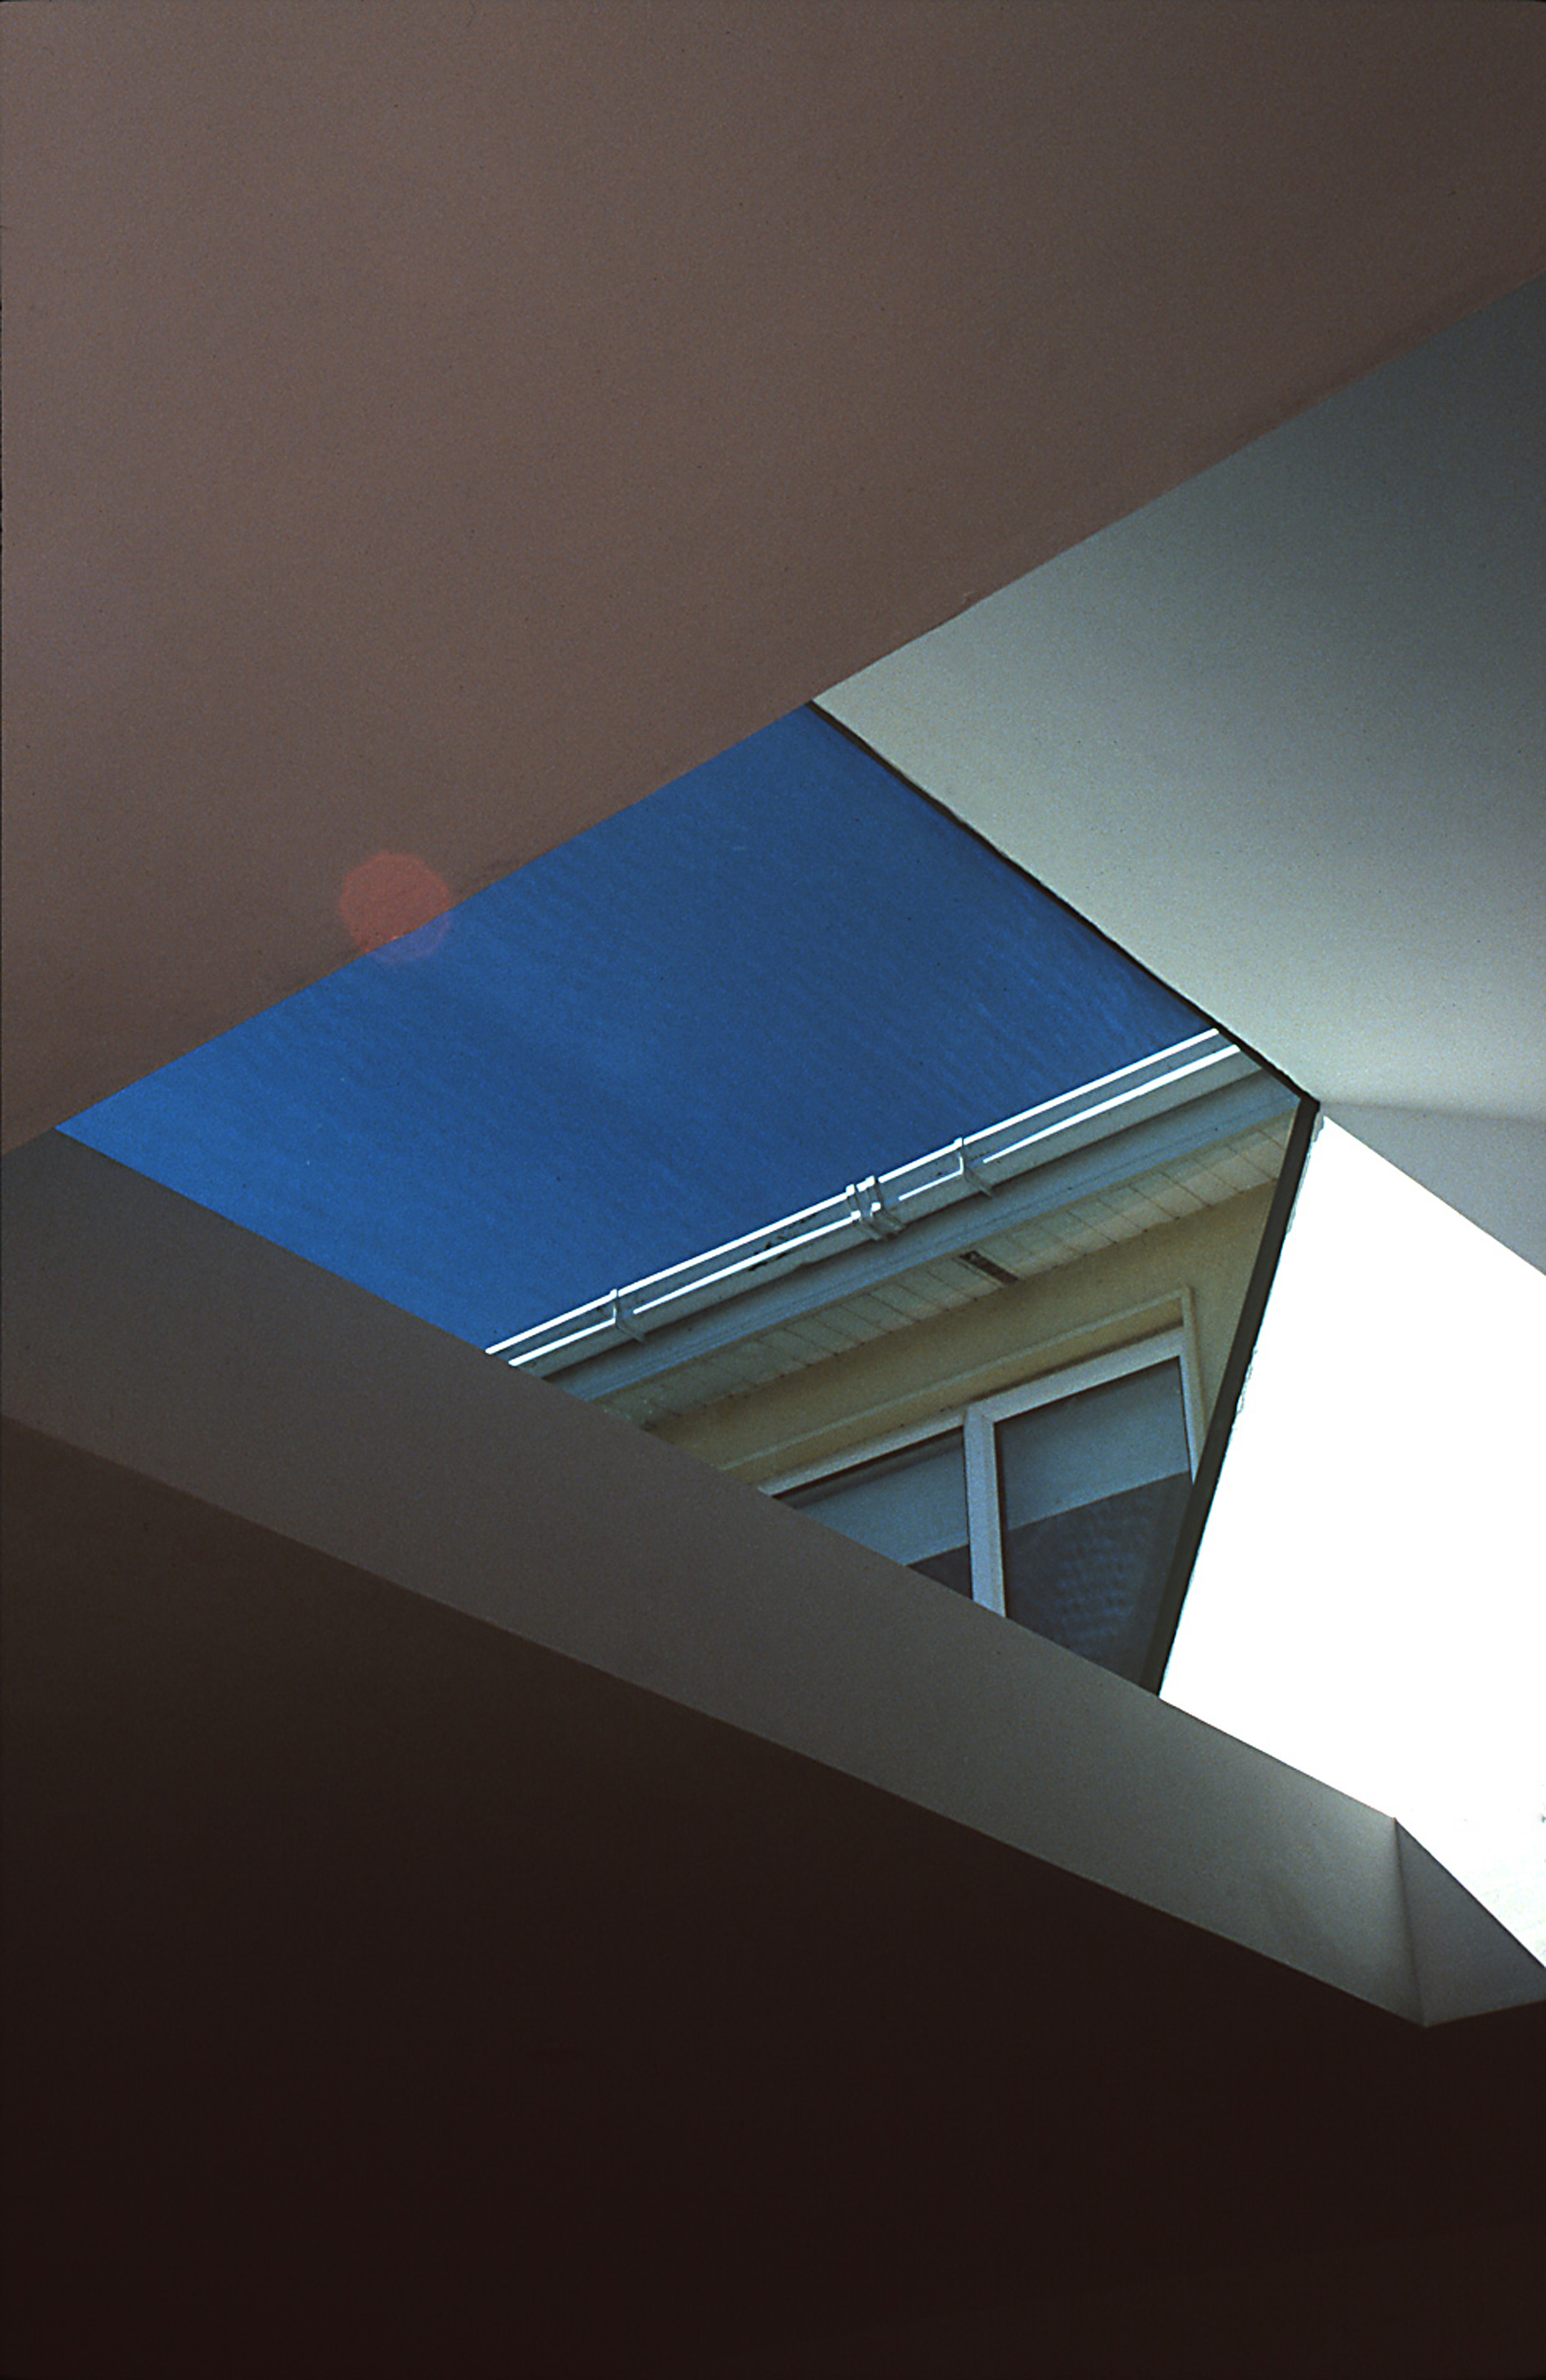 Large Frameless Skylight